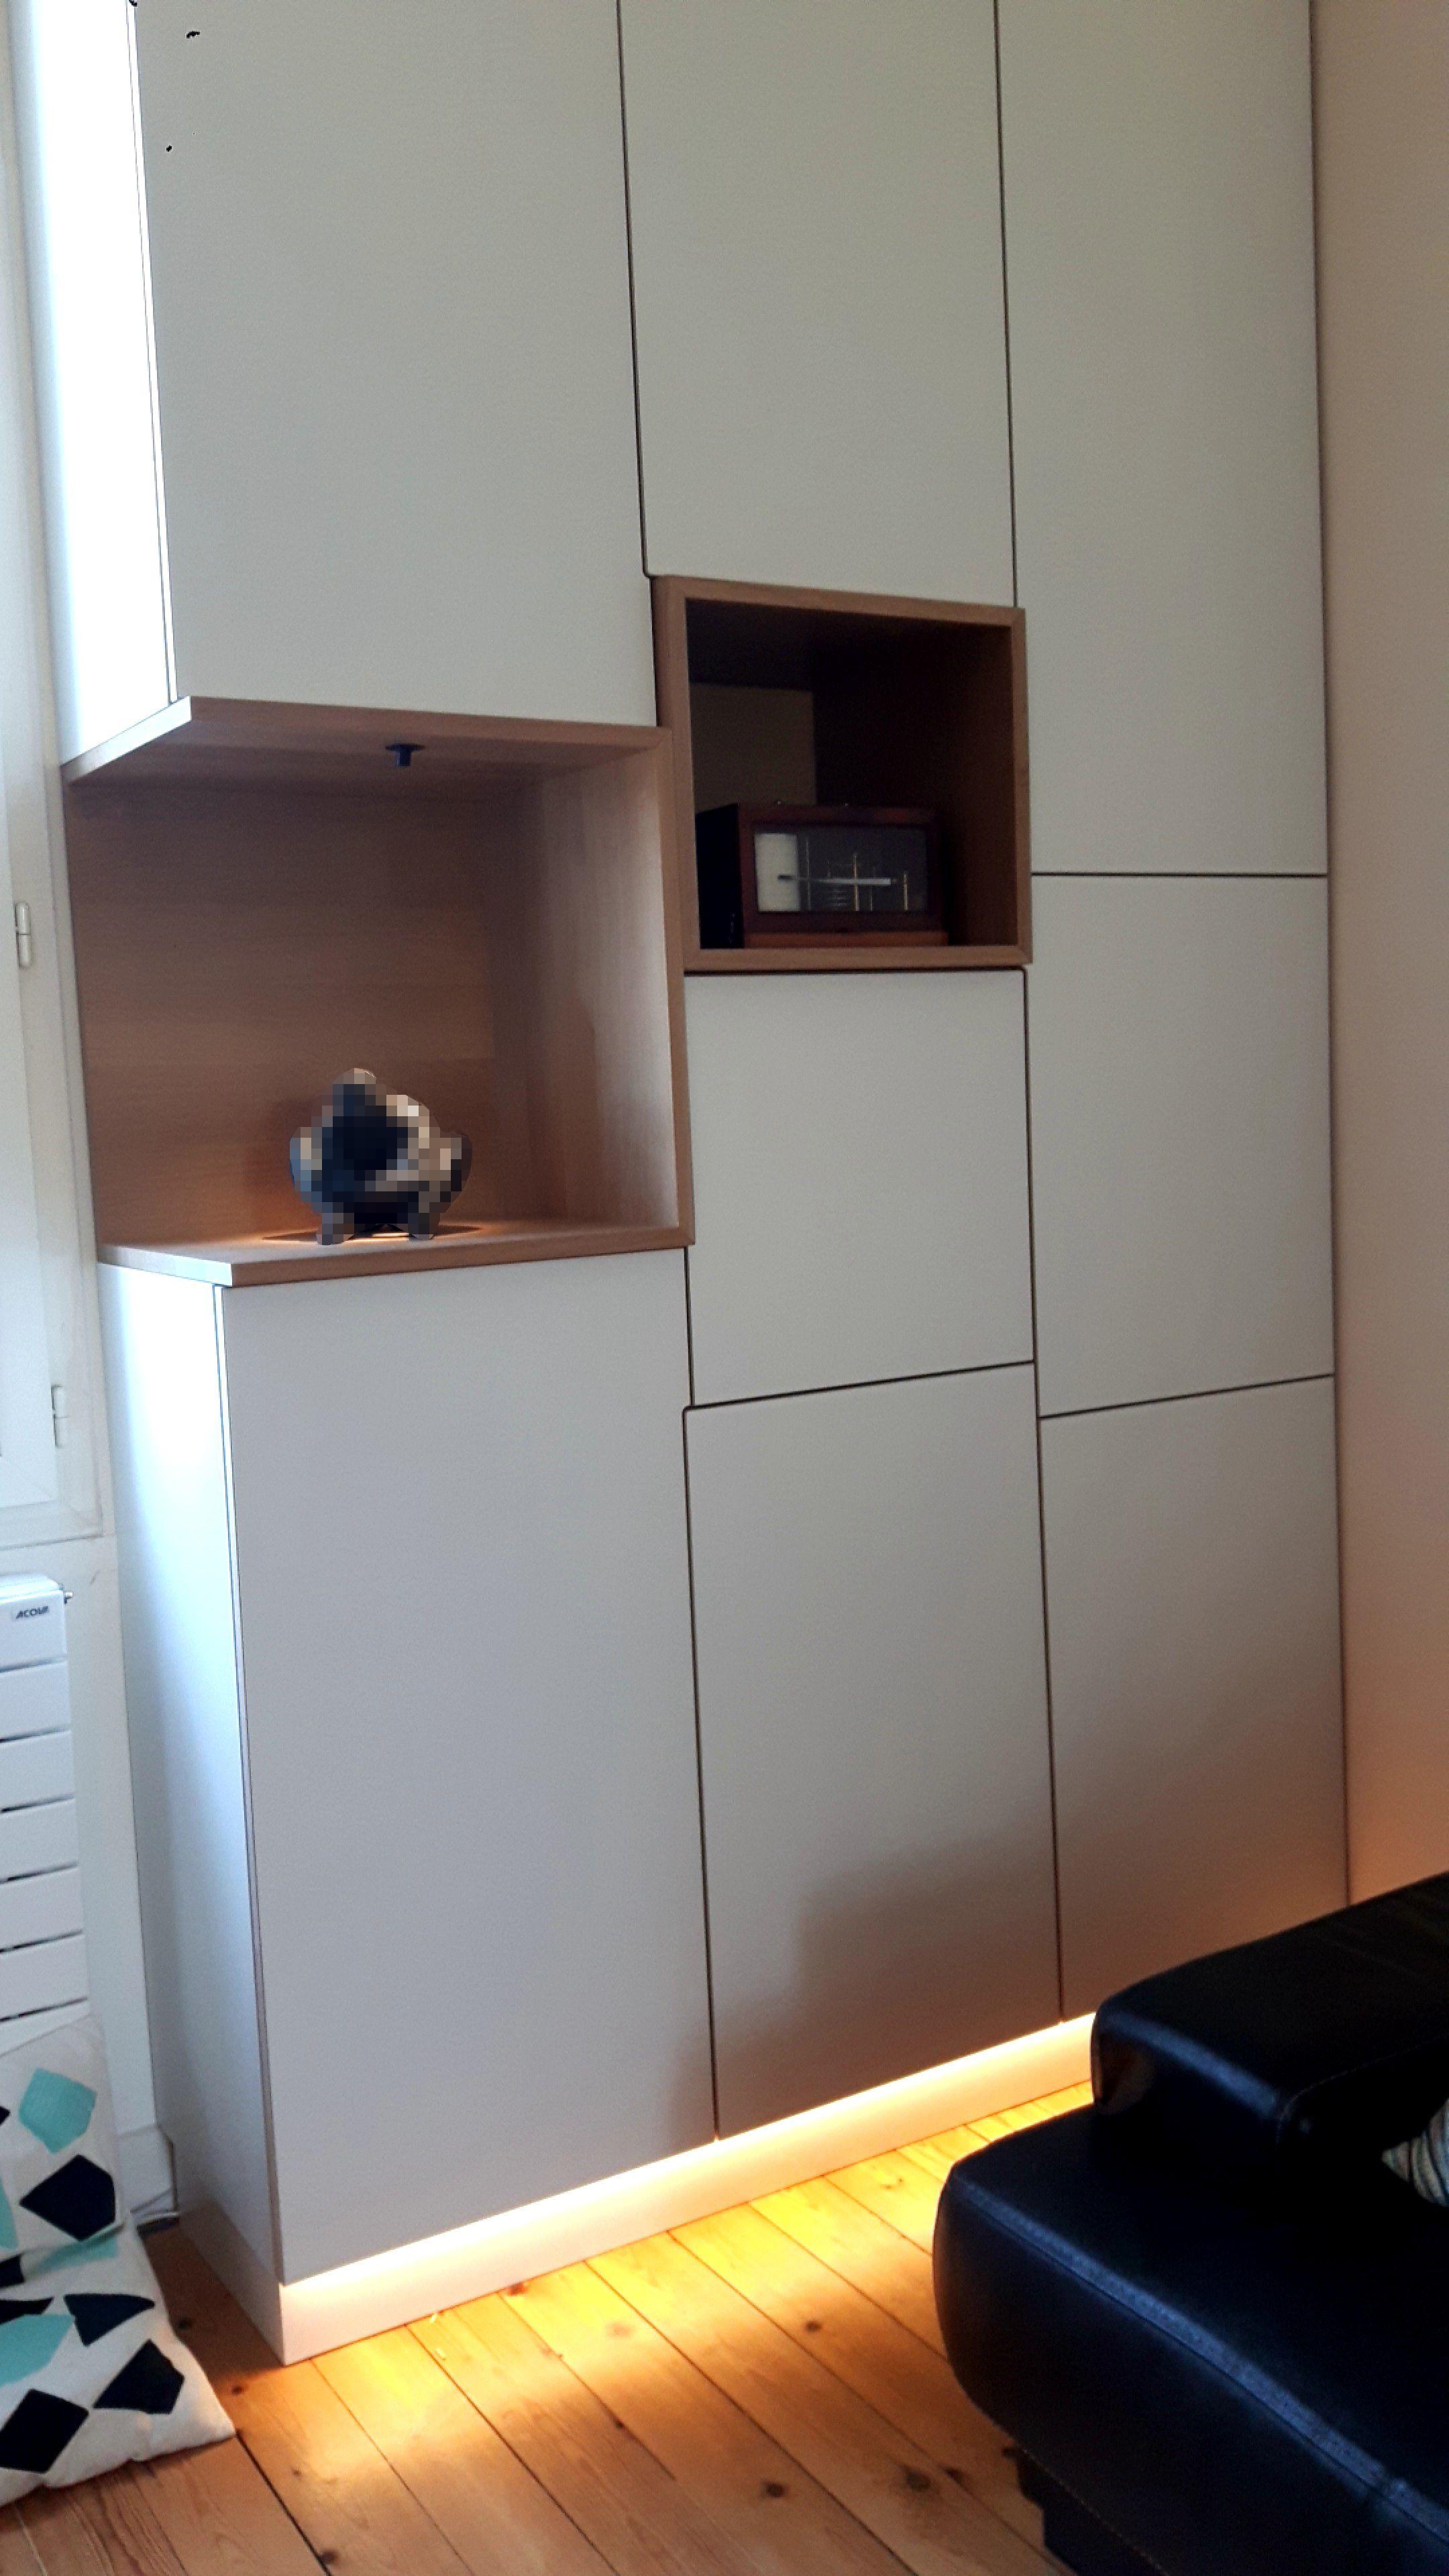 caisson sur mesure caisson cuisine sur mesure du moment cuisine sur mesure amacnagace avec. Black Bedroom Furniture Sets. Home Design Ideas